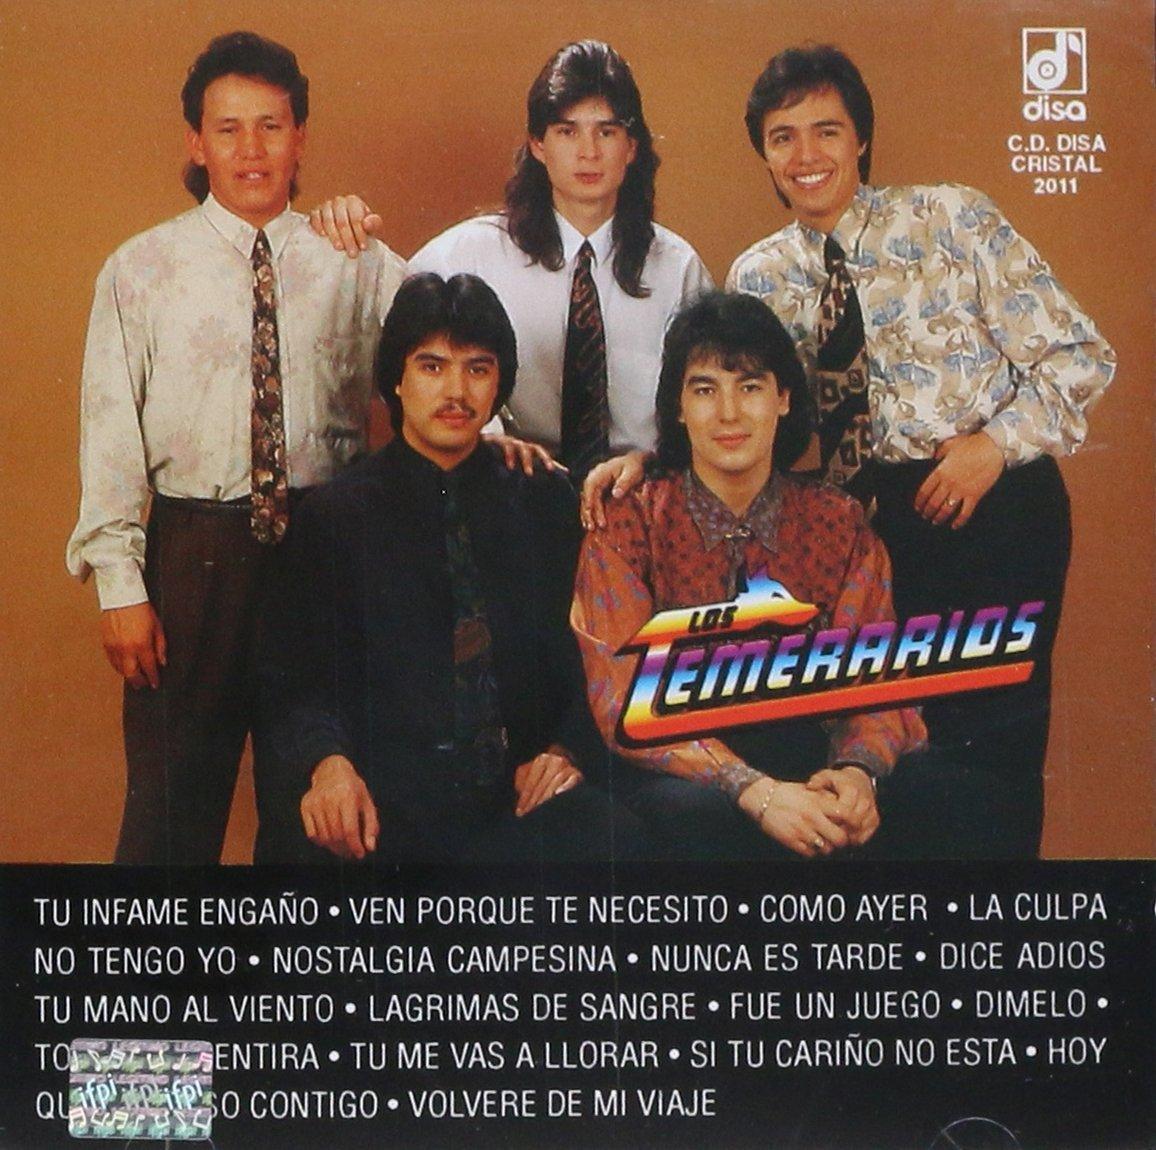 Disa Cristal Los Temerarios 15 Super Exitos Vol 1 Amazon Com Music Stations similar to los temerarios radio. los temerarios 15 super exitos vol 1